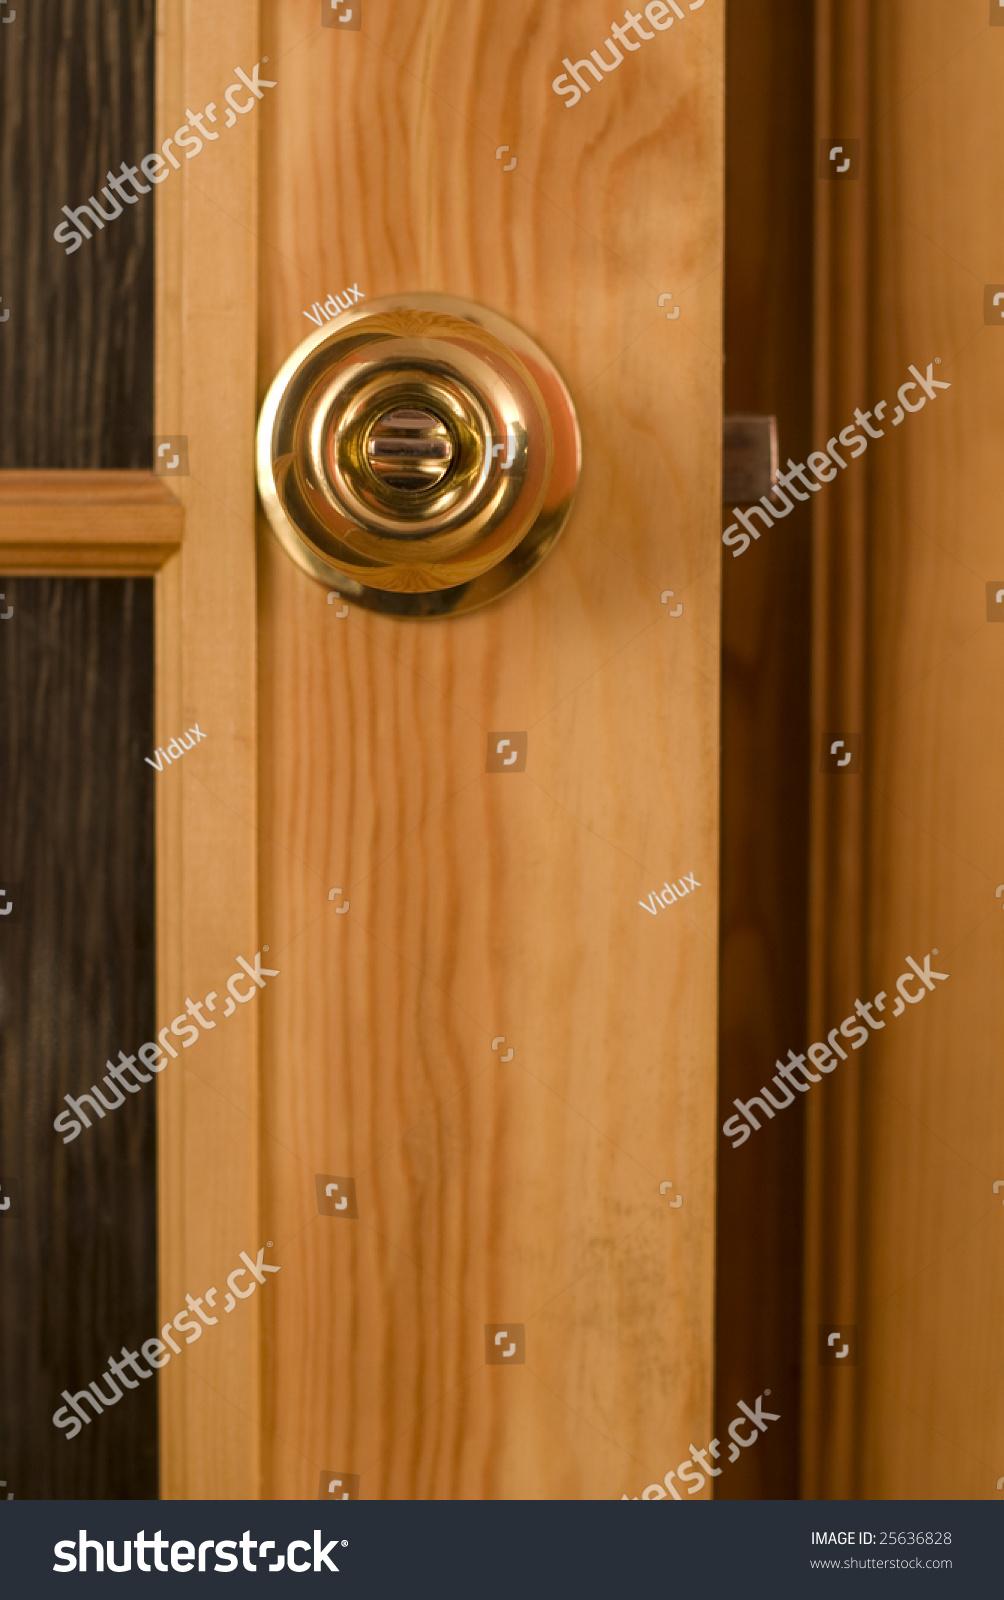 Stock Room Doors : Handle of room doors stock photo shutterstock